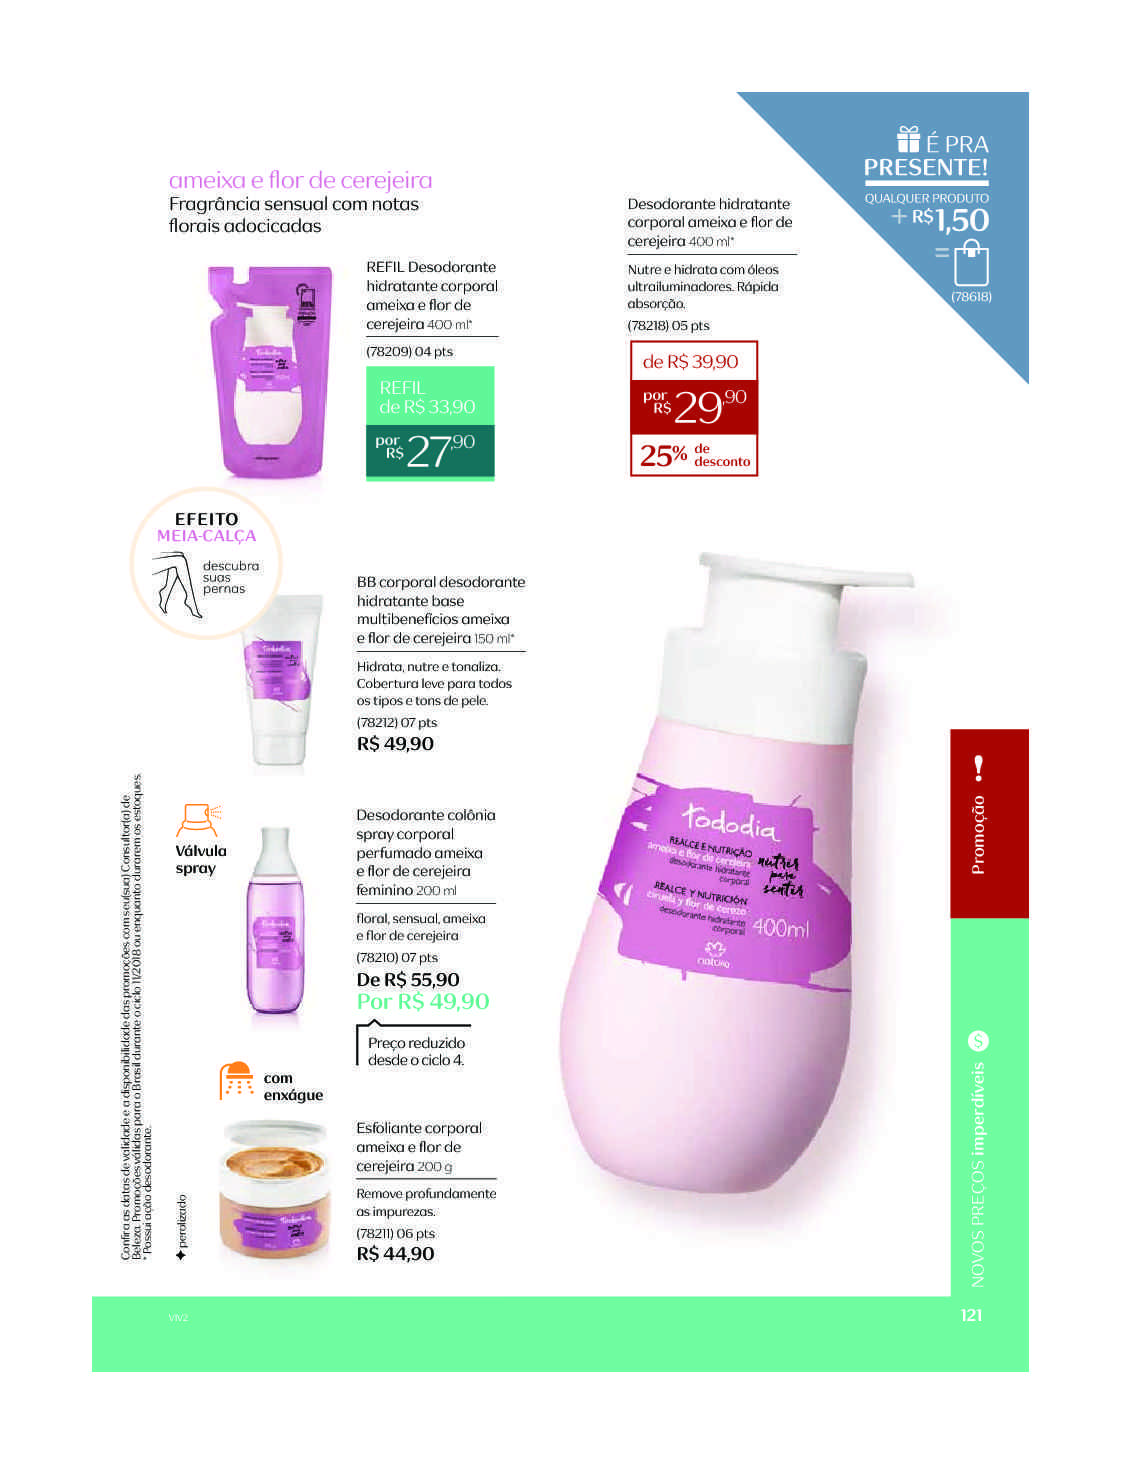 Espaco Natura C11 V2 Natura Spray Corporal Desodorante E